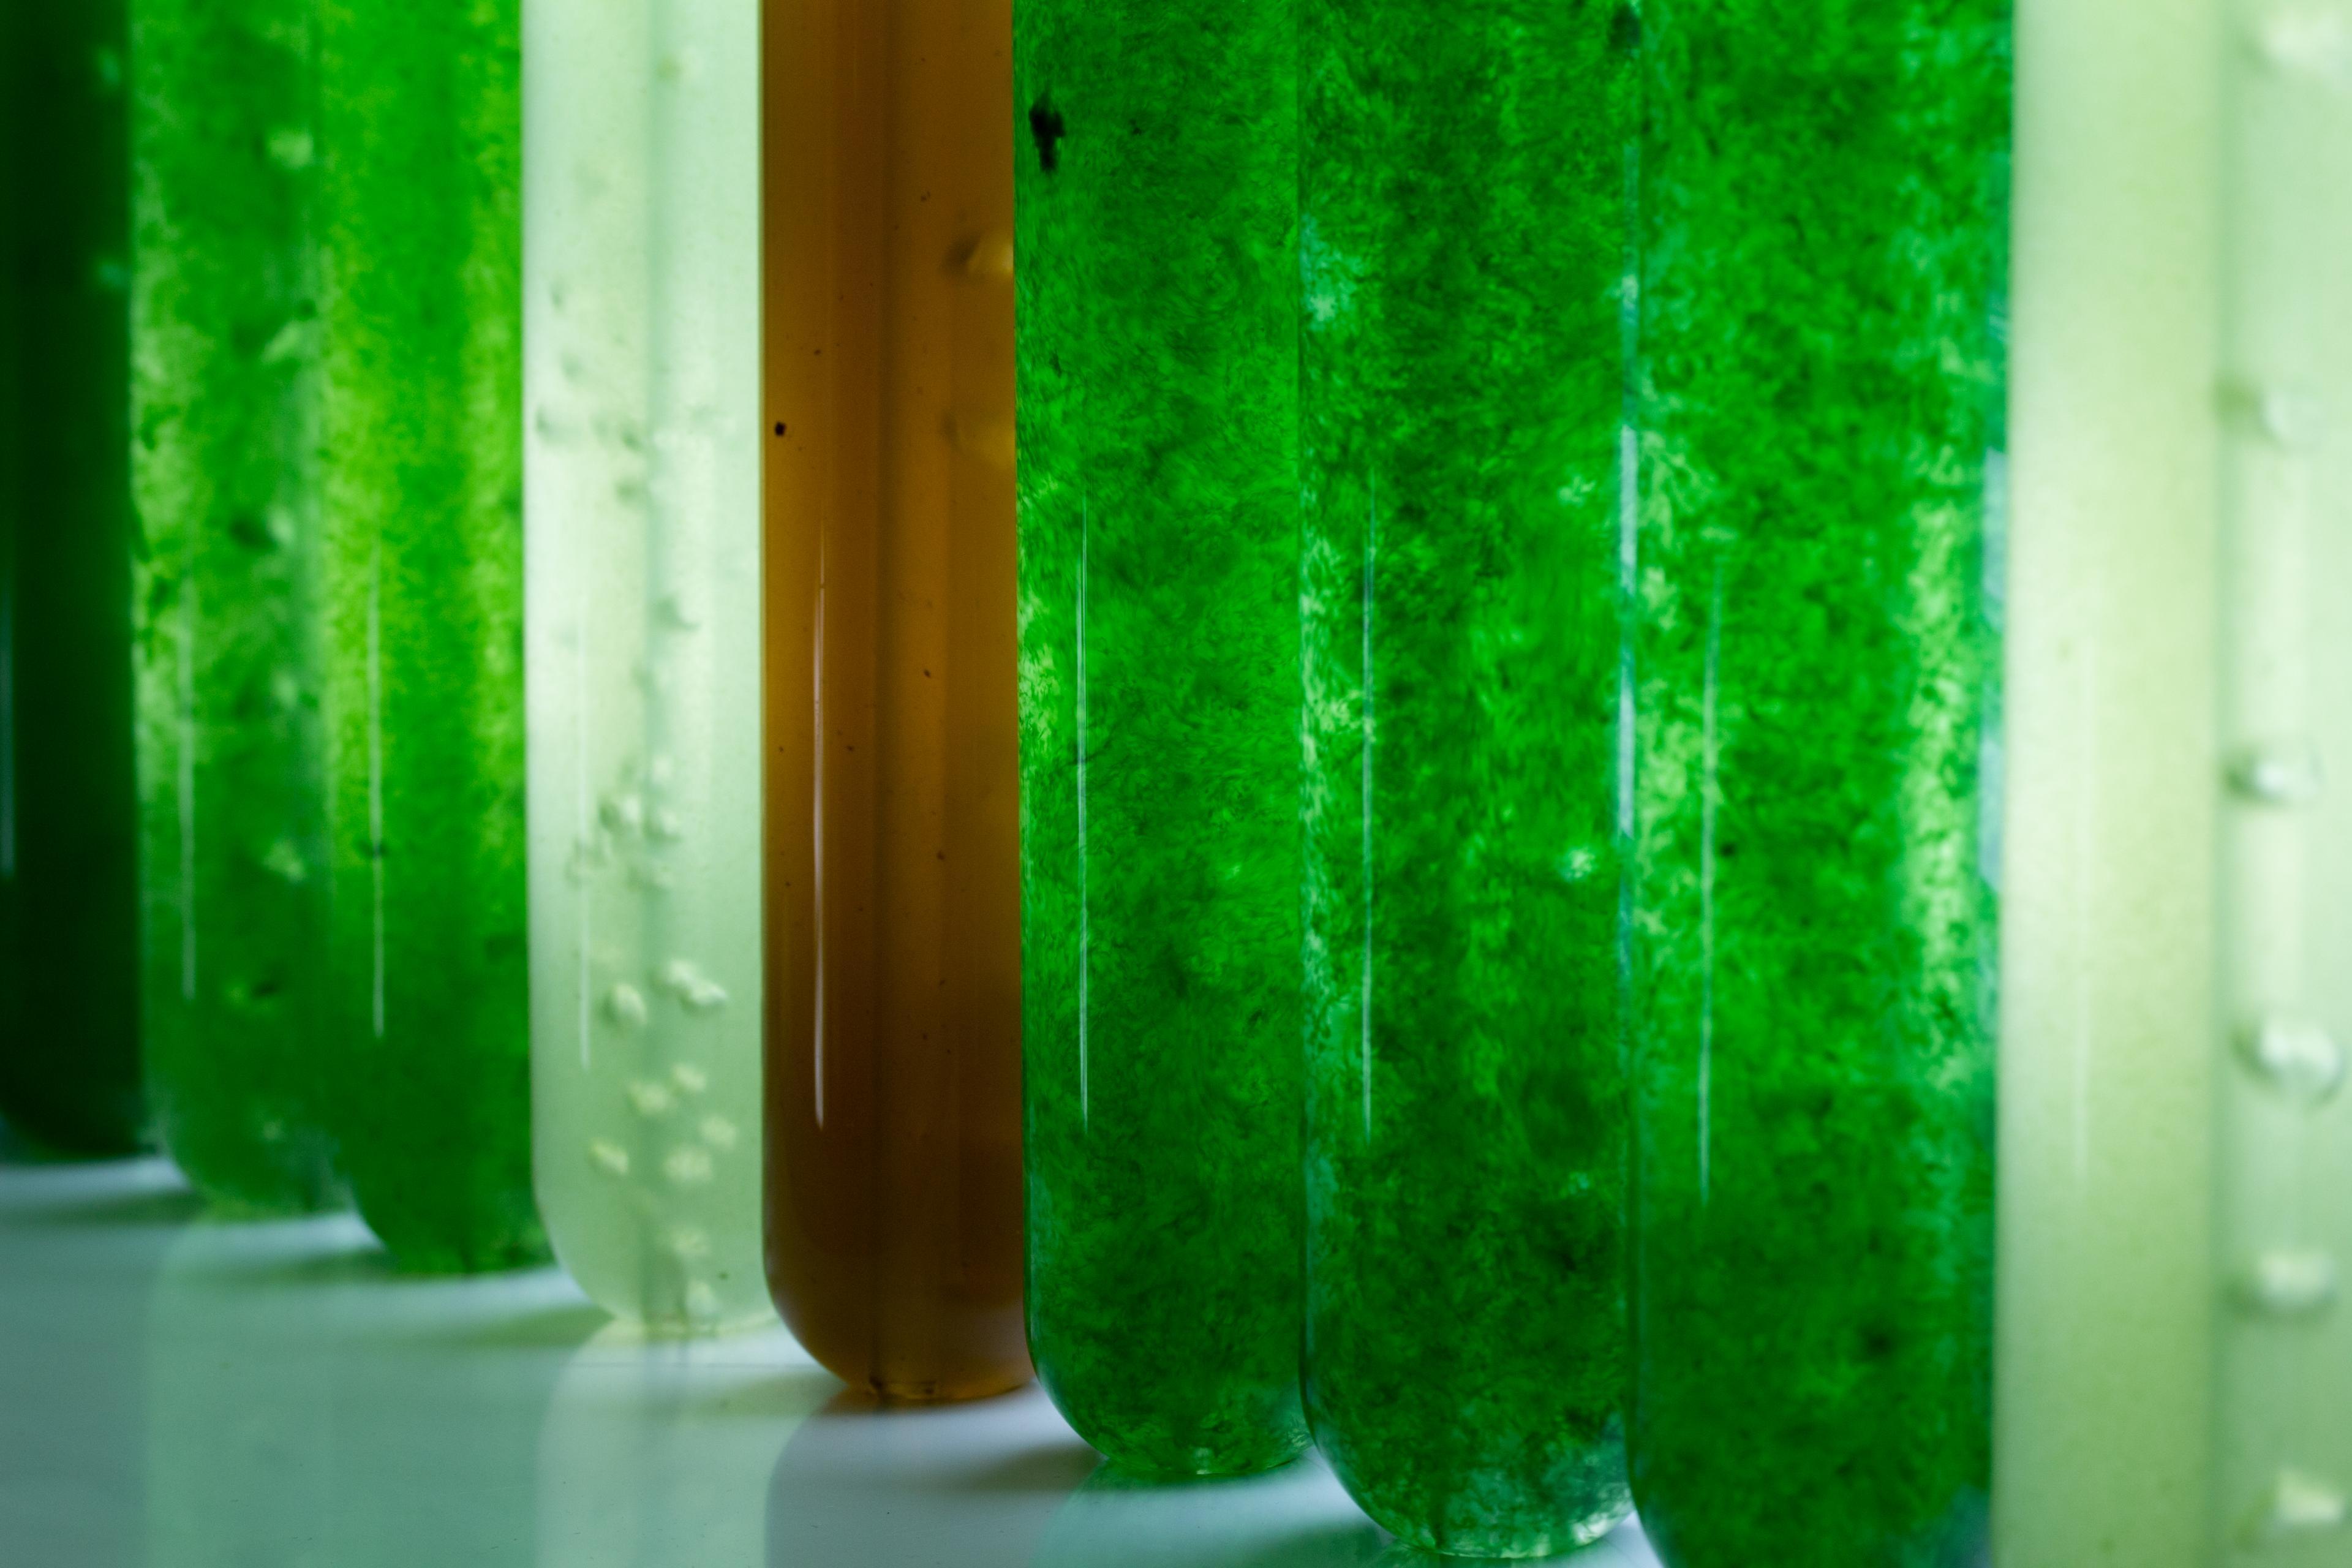 Microalgen in proefbuisjes